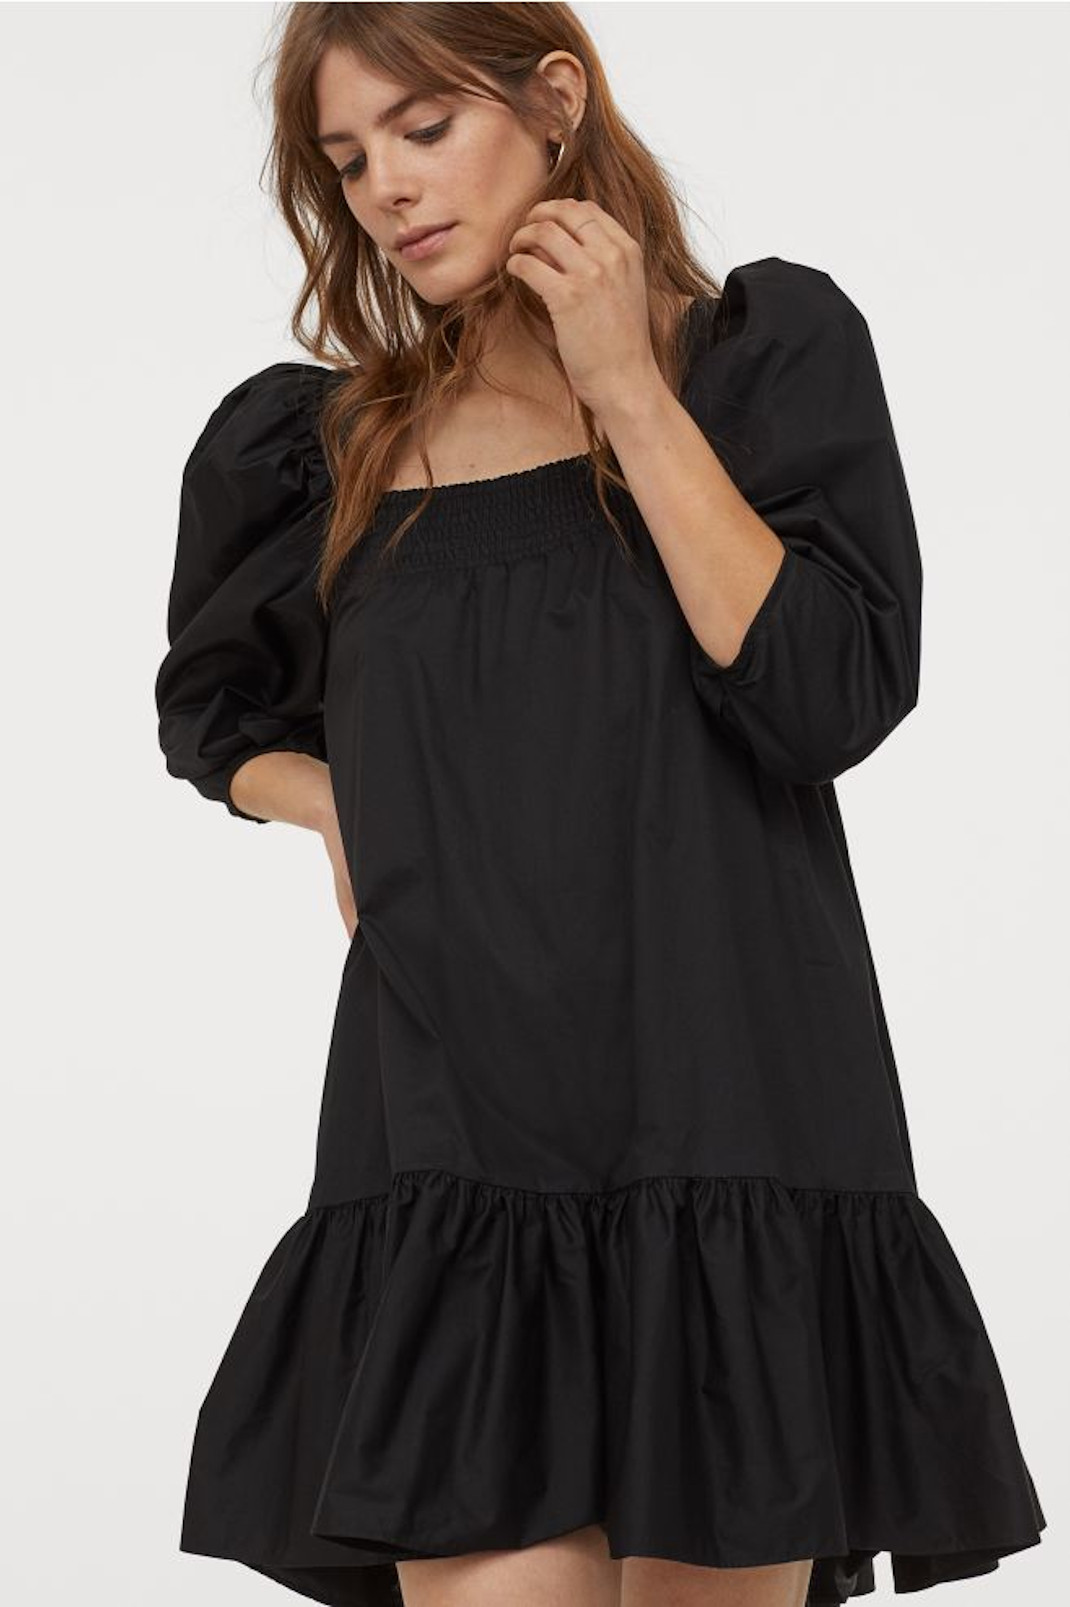 Φόρεμα από την συλλογή Conscious Exclusive της H&M